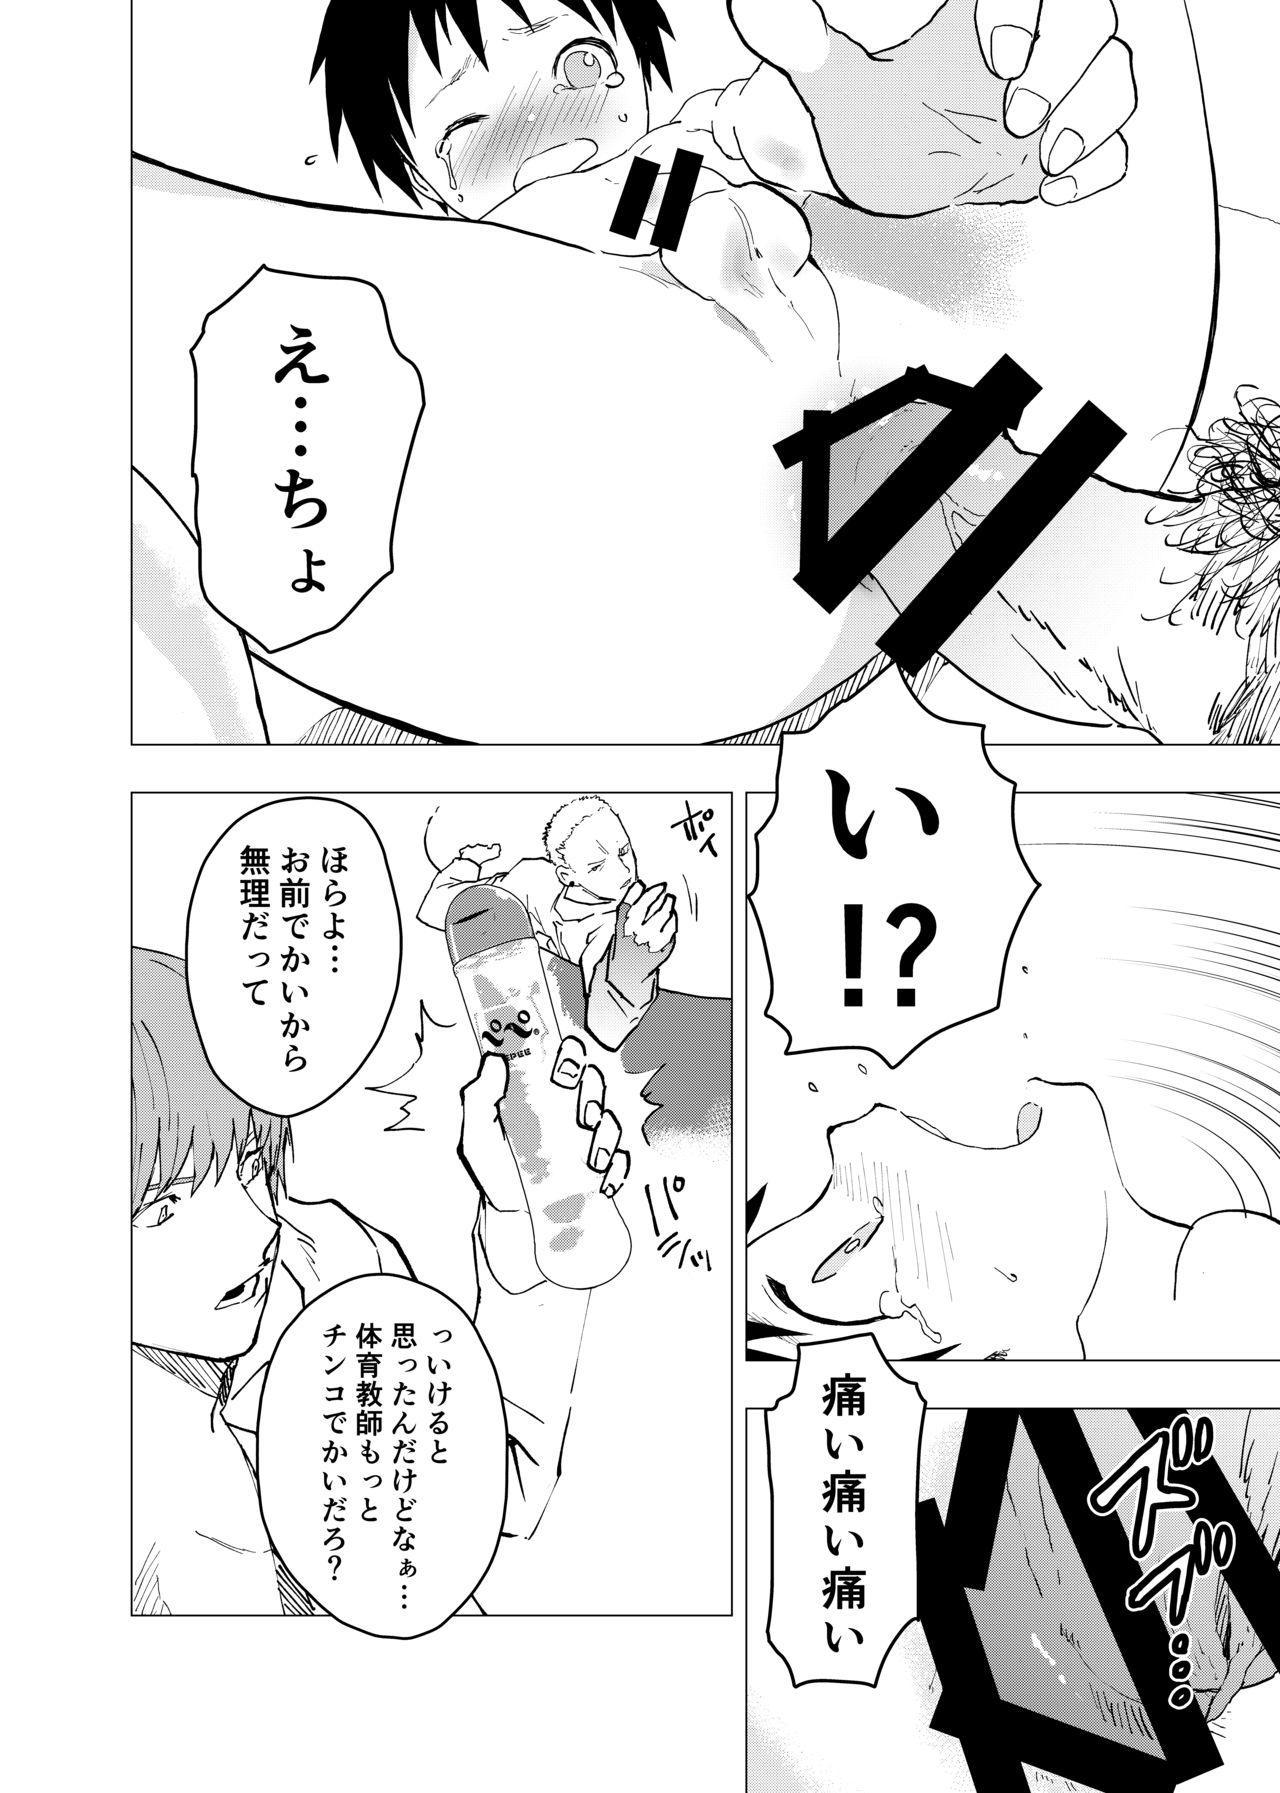 Ibasho ga Nainode Kami-machi Shite Mita Suterareta Shounen no Eromanga 25